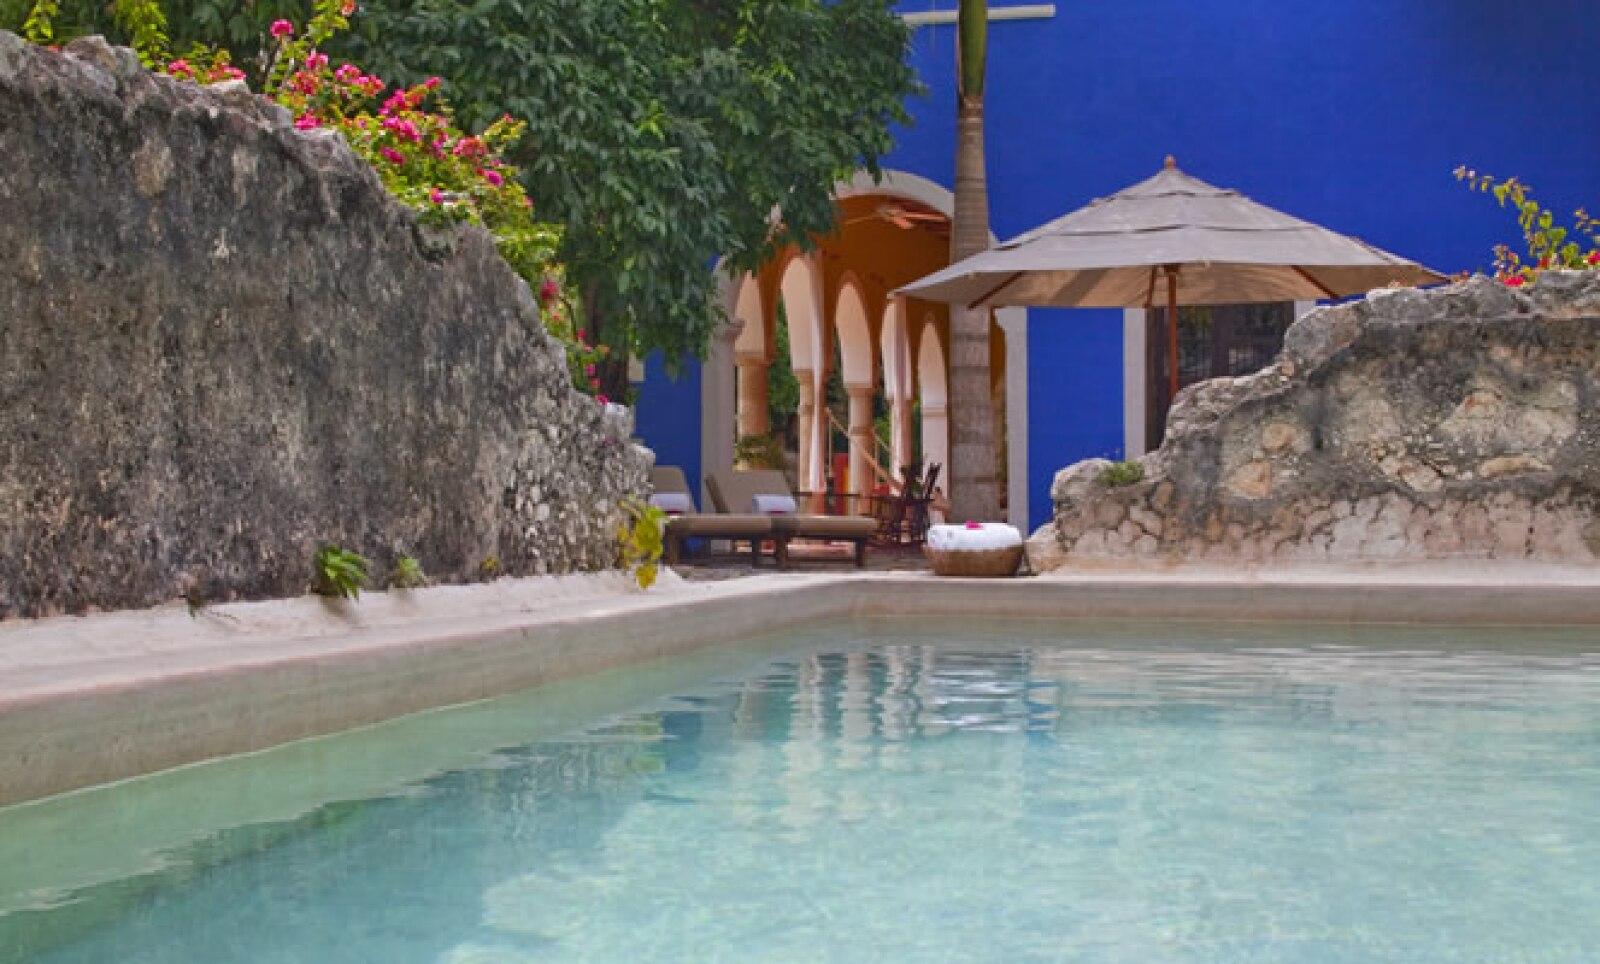 Para mayor información sobre Hacienda San José, visite www.thehaciendas.com